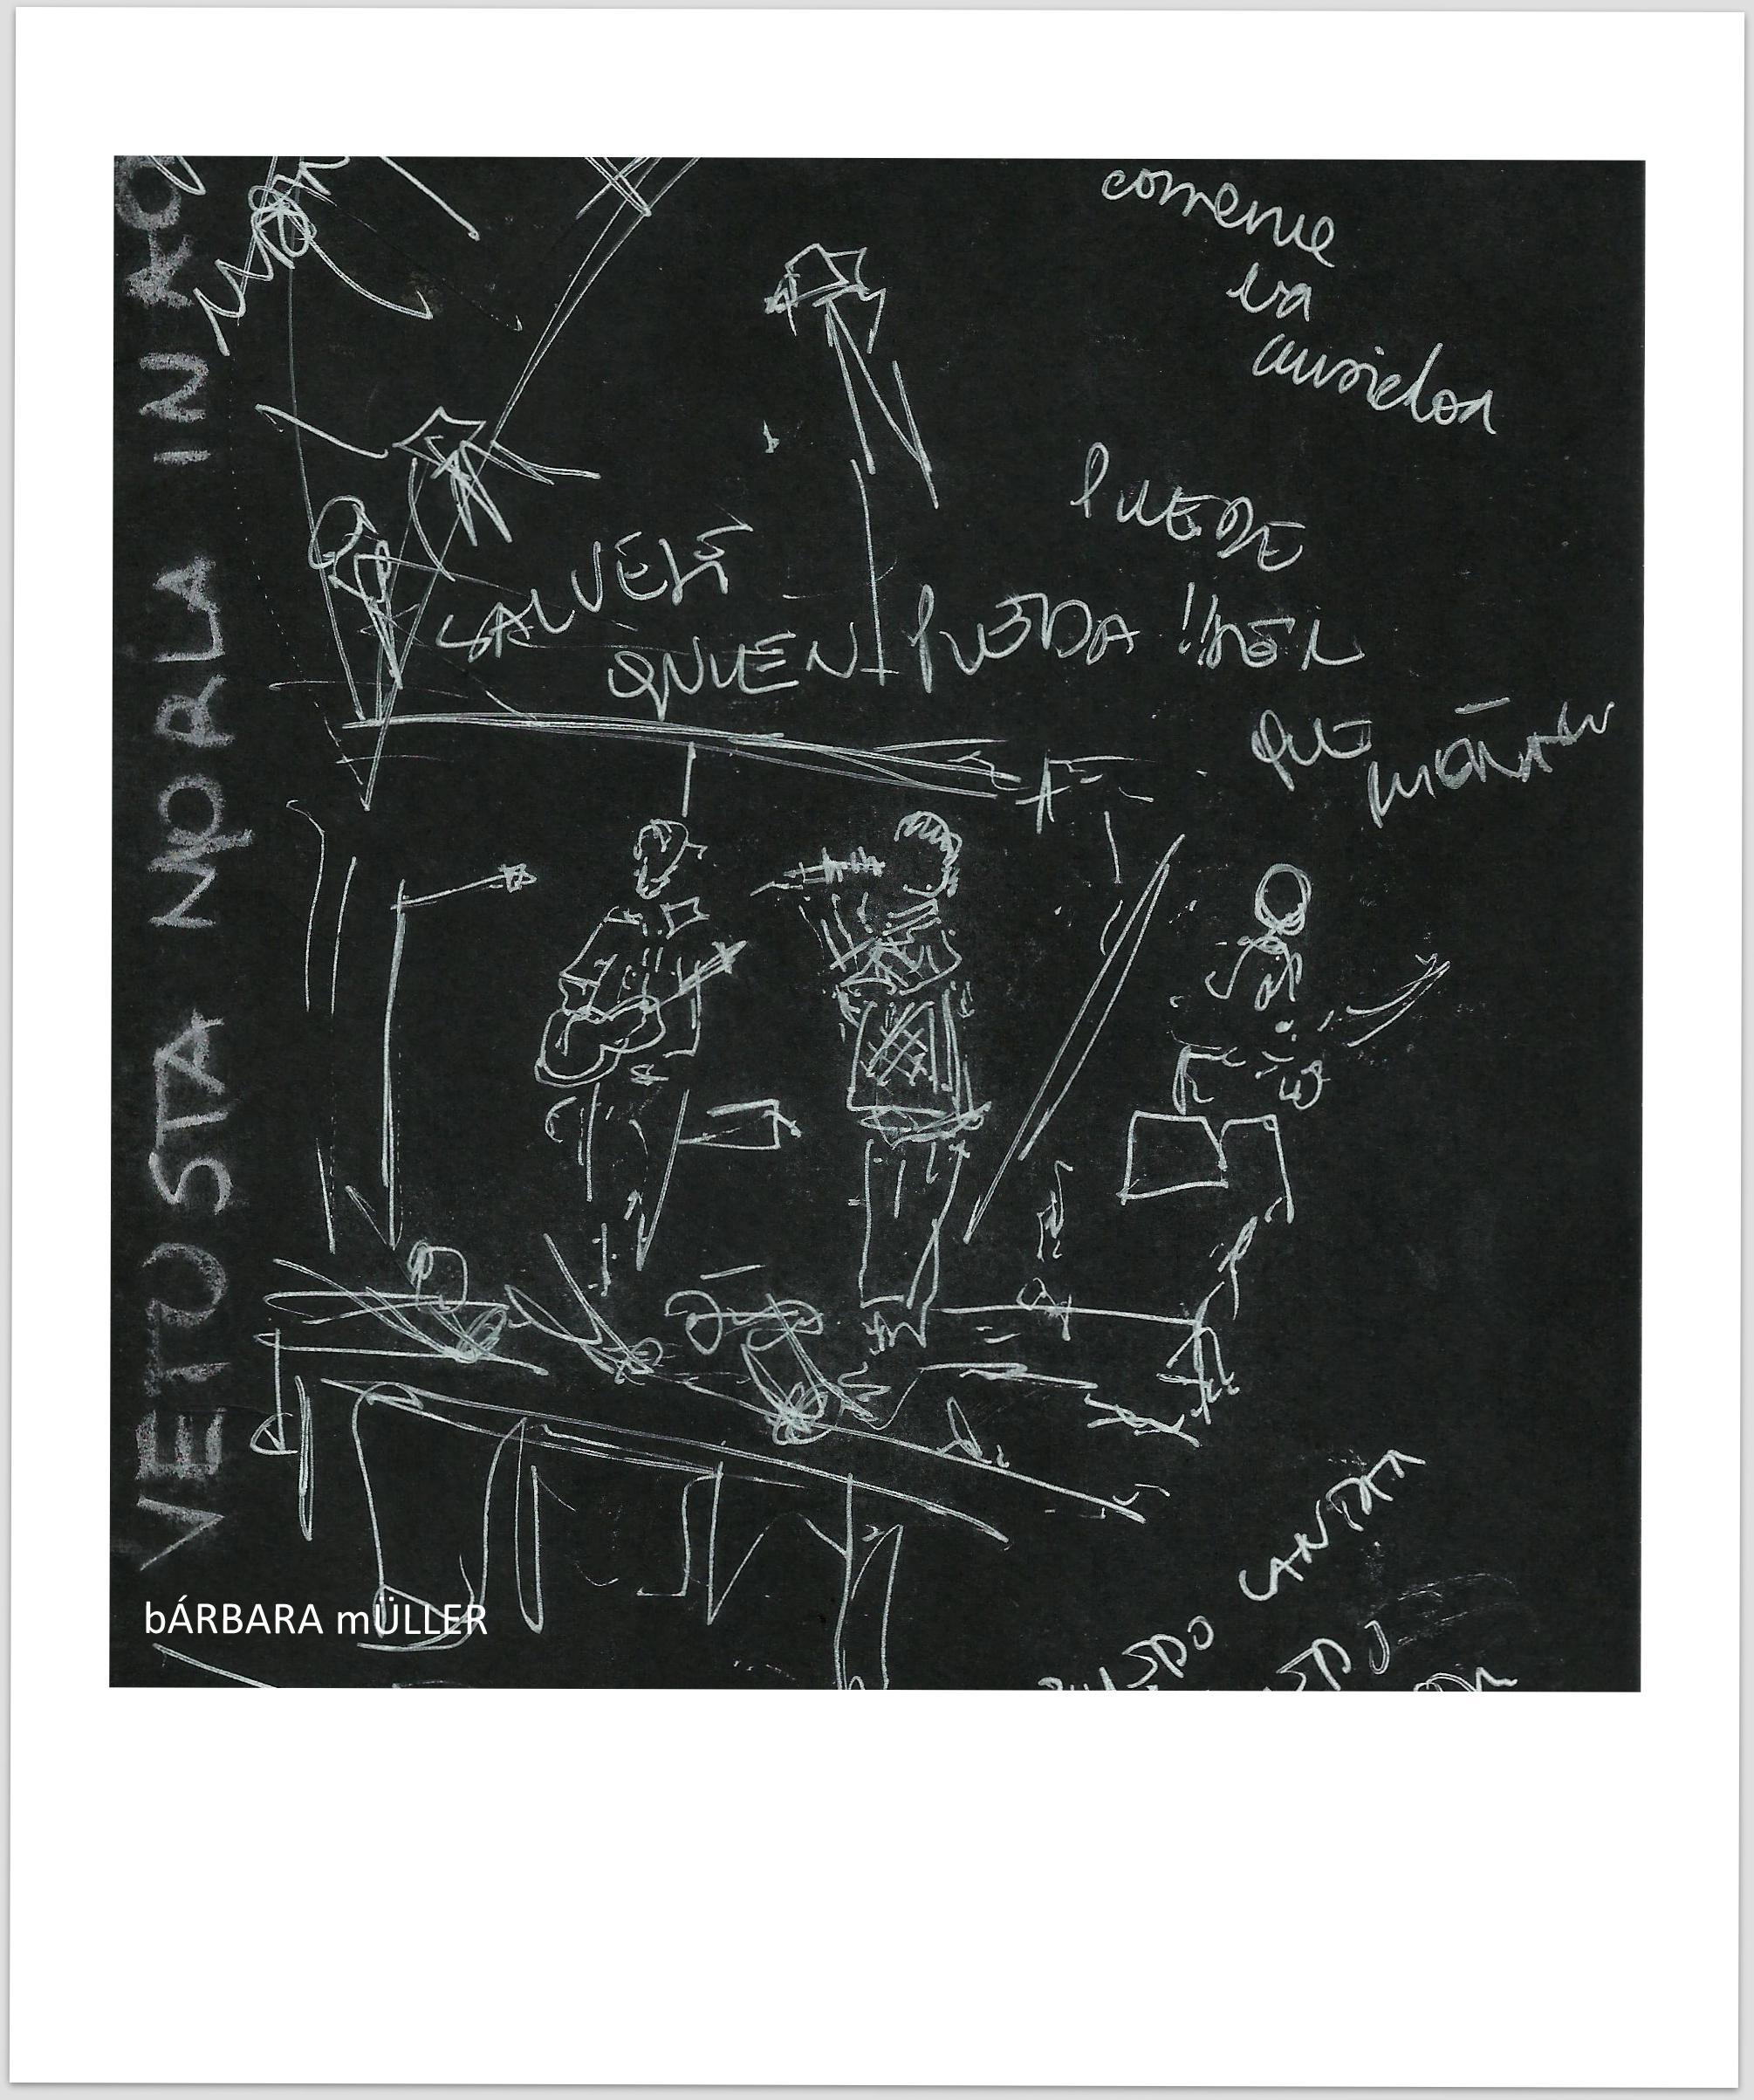 Bárbara Müller dibujos urban sketecher lanzarote  islas canarias dibujos paisaje sonidos liquidos música la geria vetusta morla anaut los 300 guagua bodega rubicón bodega la geria vino wine  people landscape music festival sálvense quien pueda